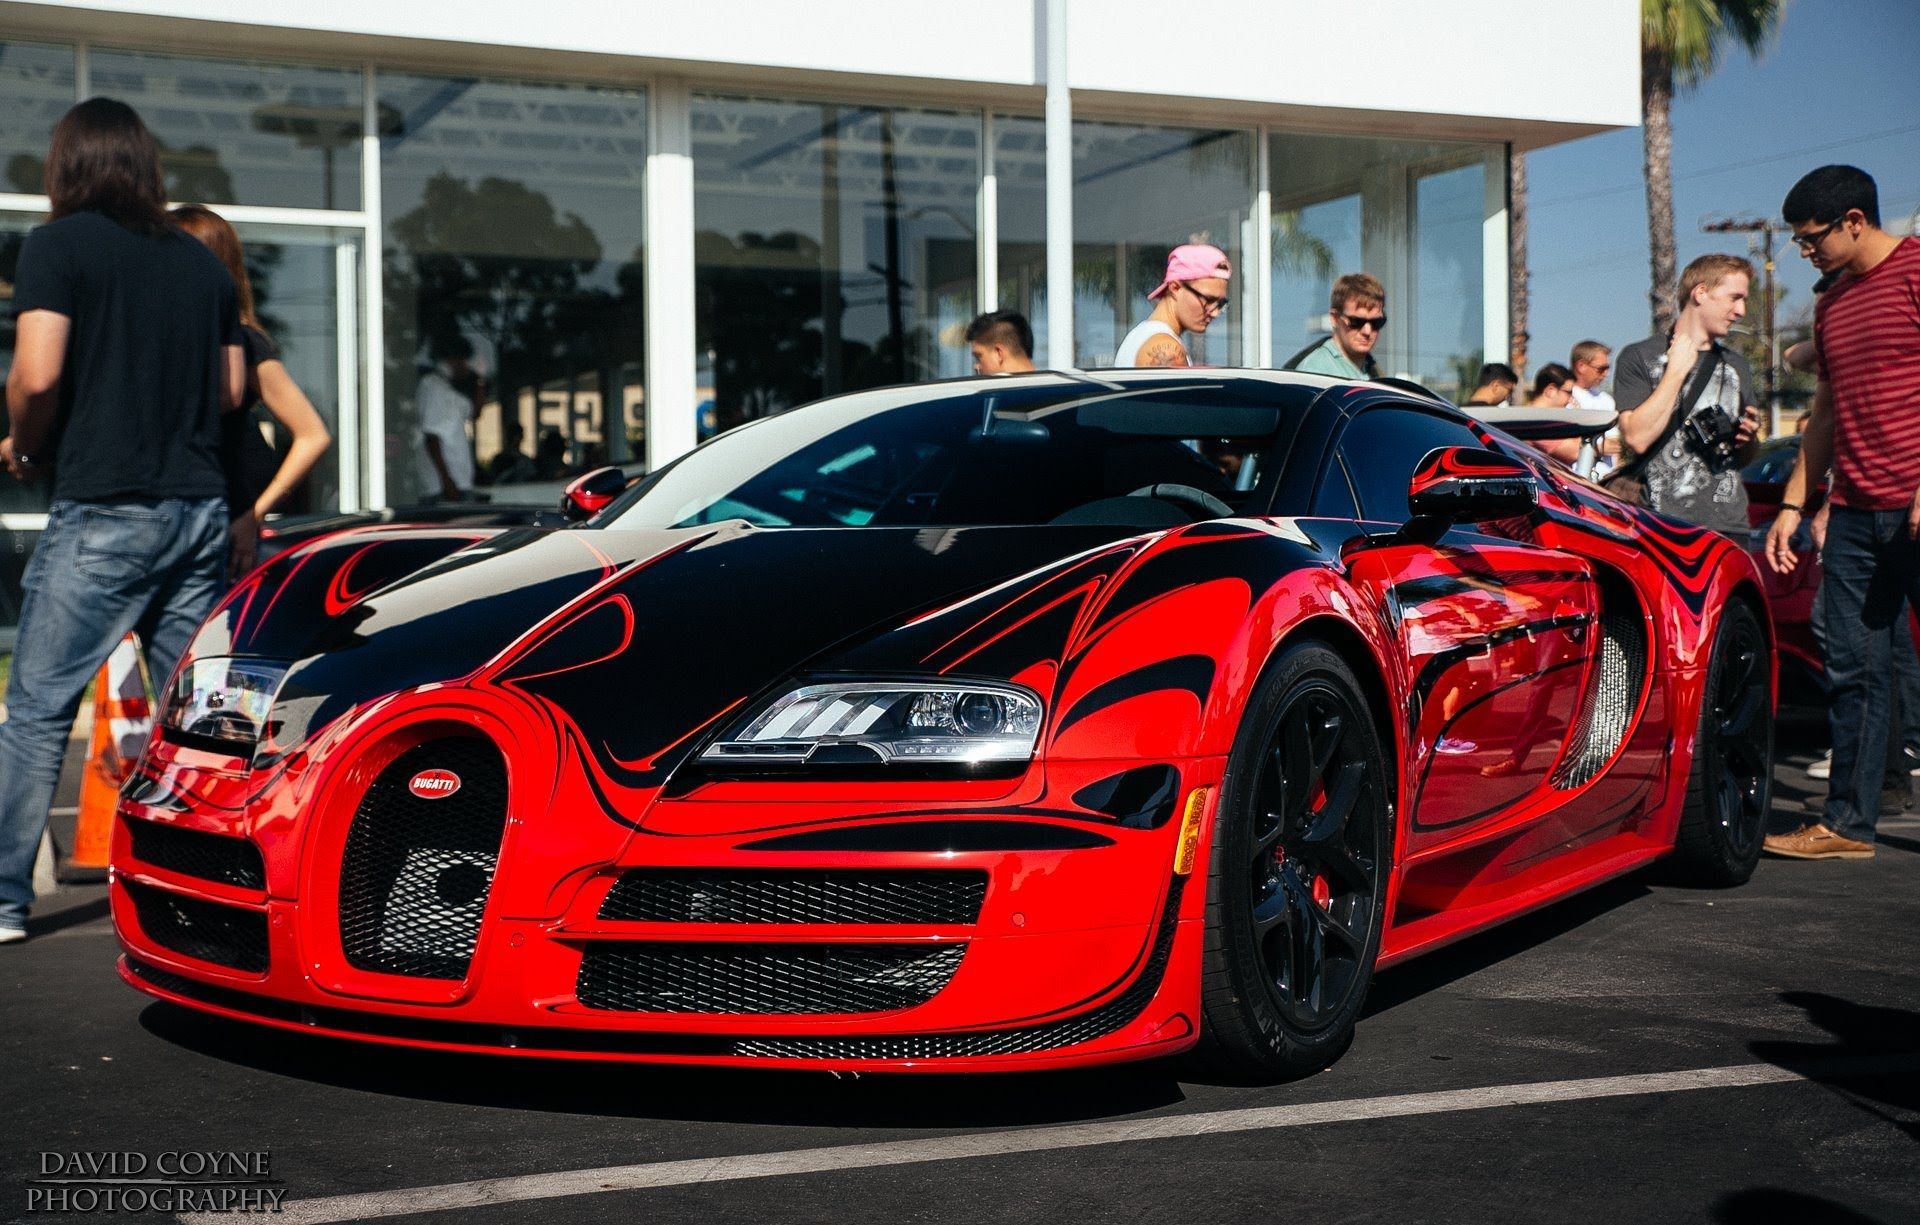 Rare Bugatti Veyron Vitesse L Or Style Red Black Bugatti Veyron Supercar Car Lamborghini Newportbeach Bugatti Veyron Bugatti Bugatti Veyron Vitesse